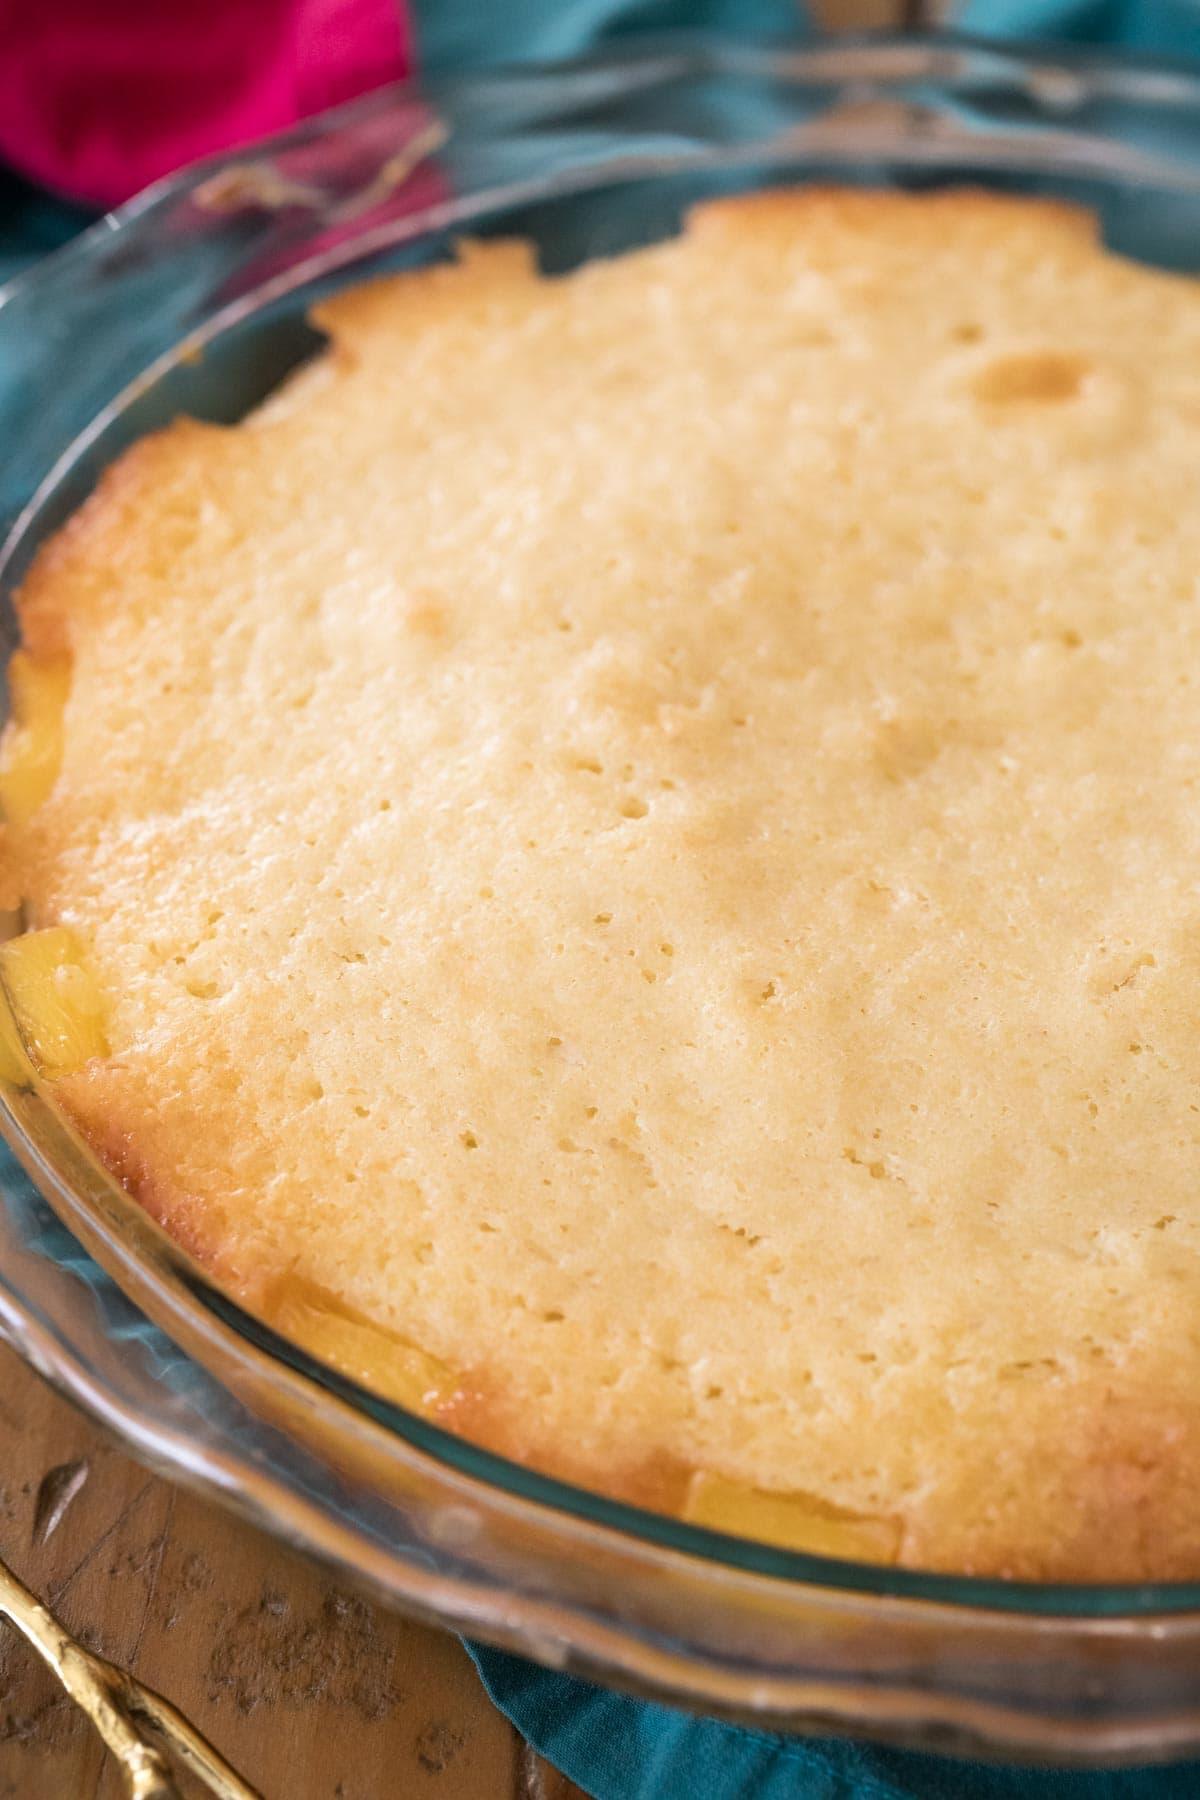 freshly baked pineapple upside down cake before inverting